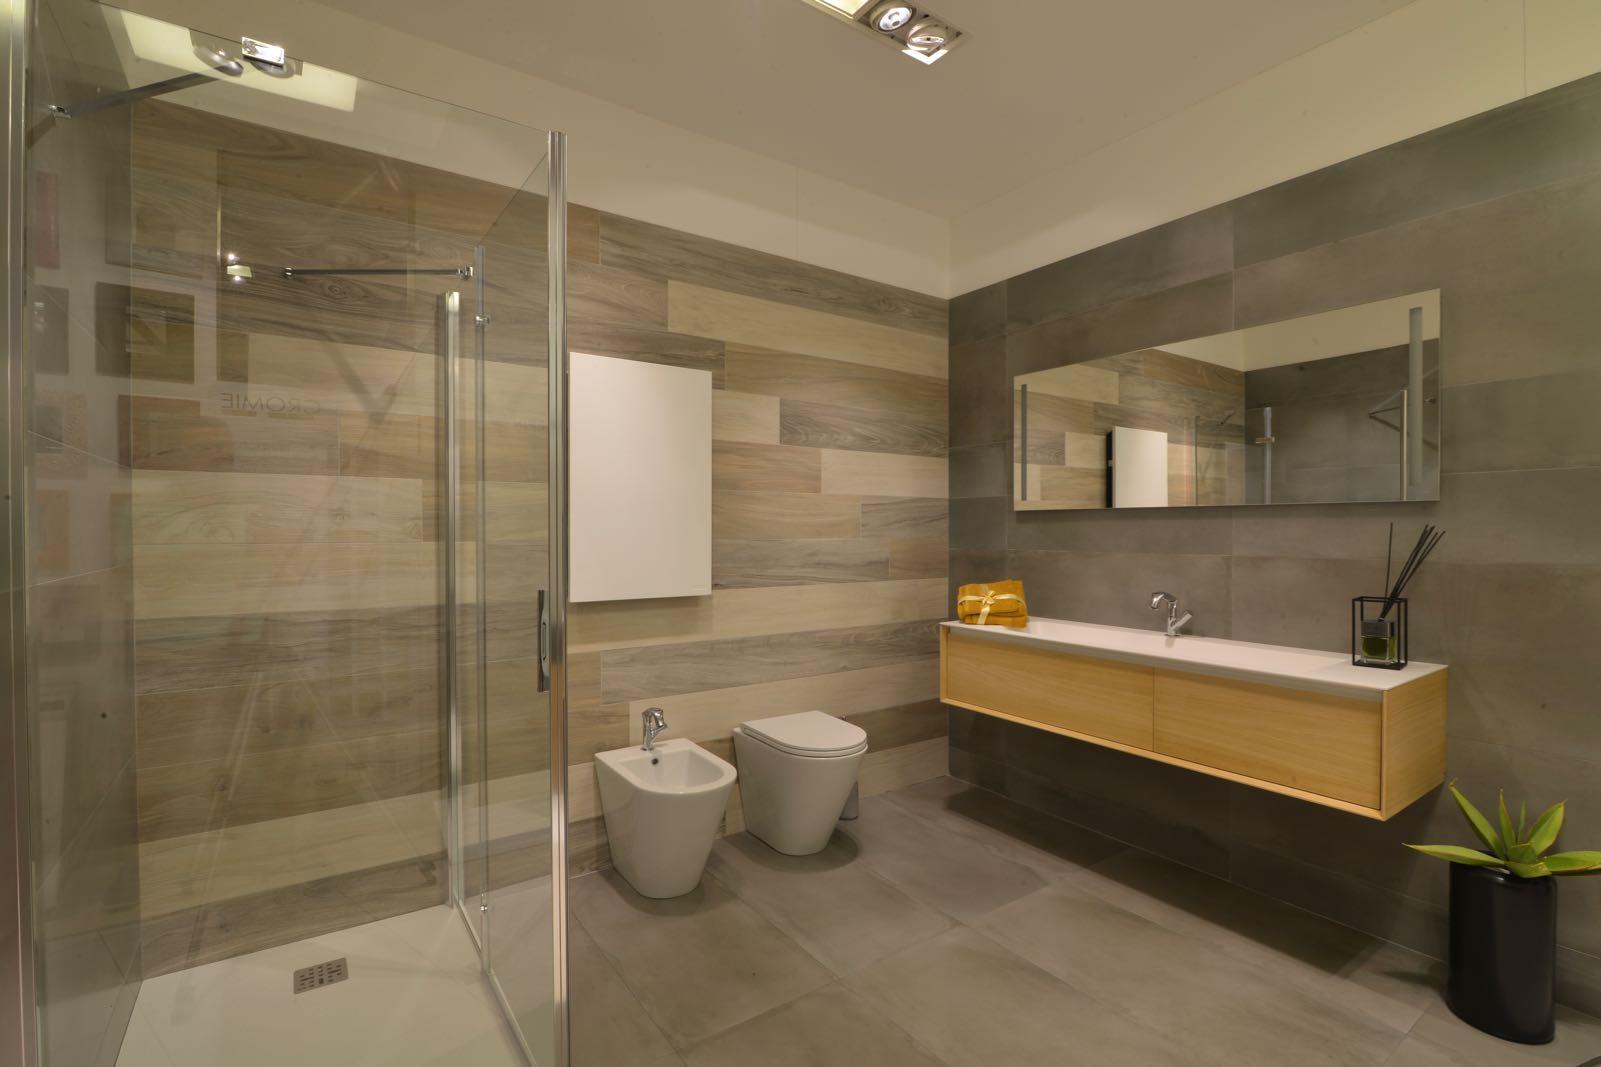 Mobili bagno funzionali design casa creativa e mobili for Accessori arredo bagno